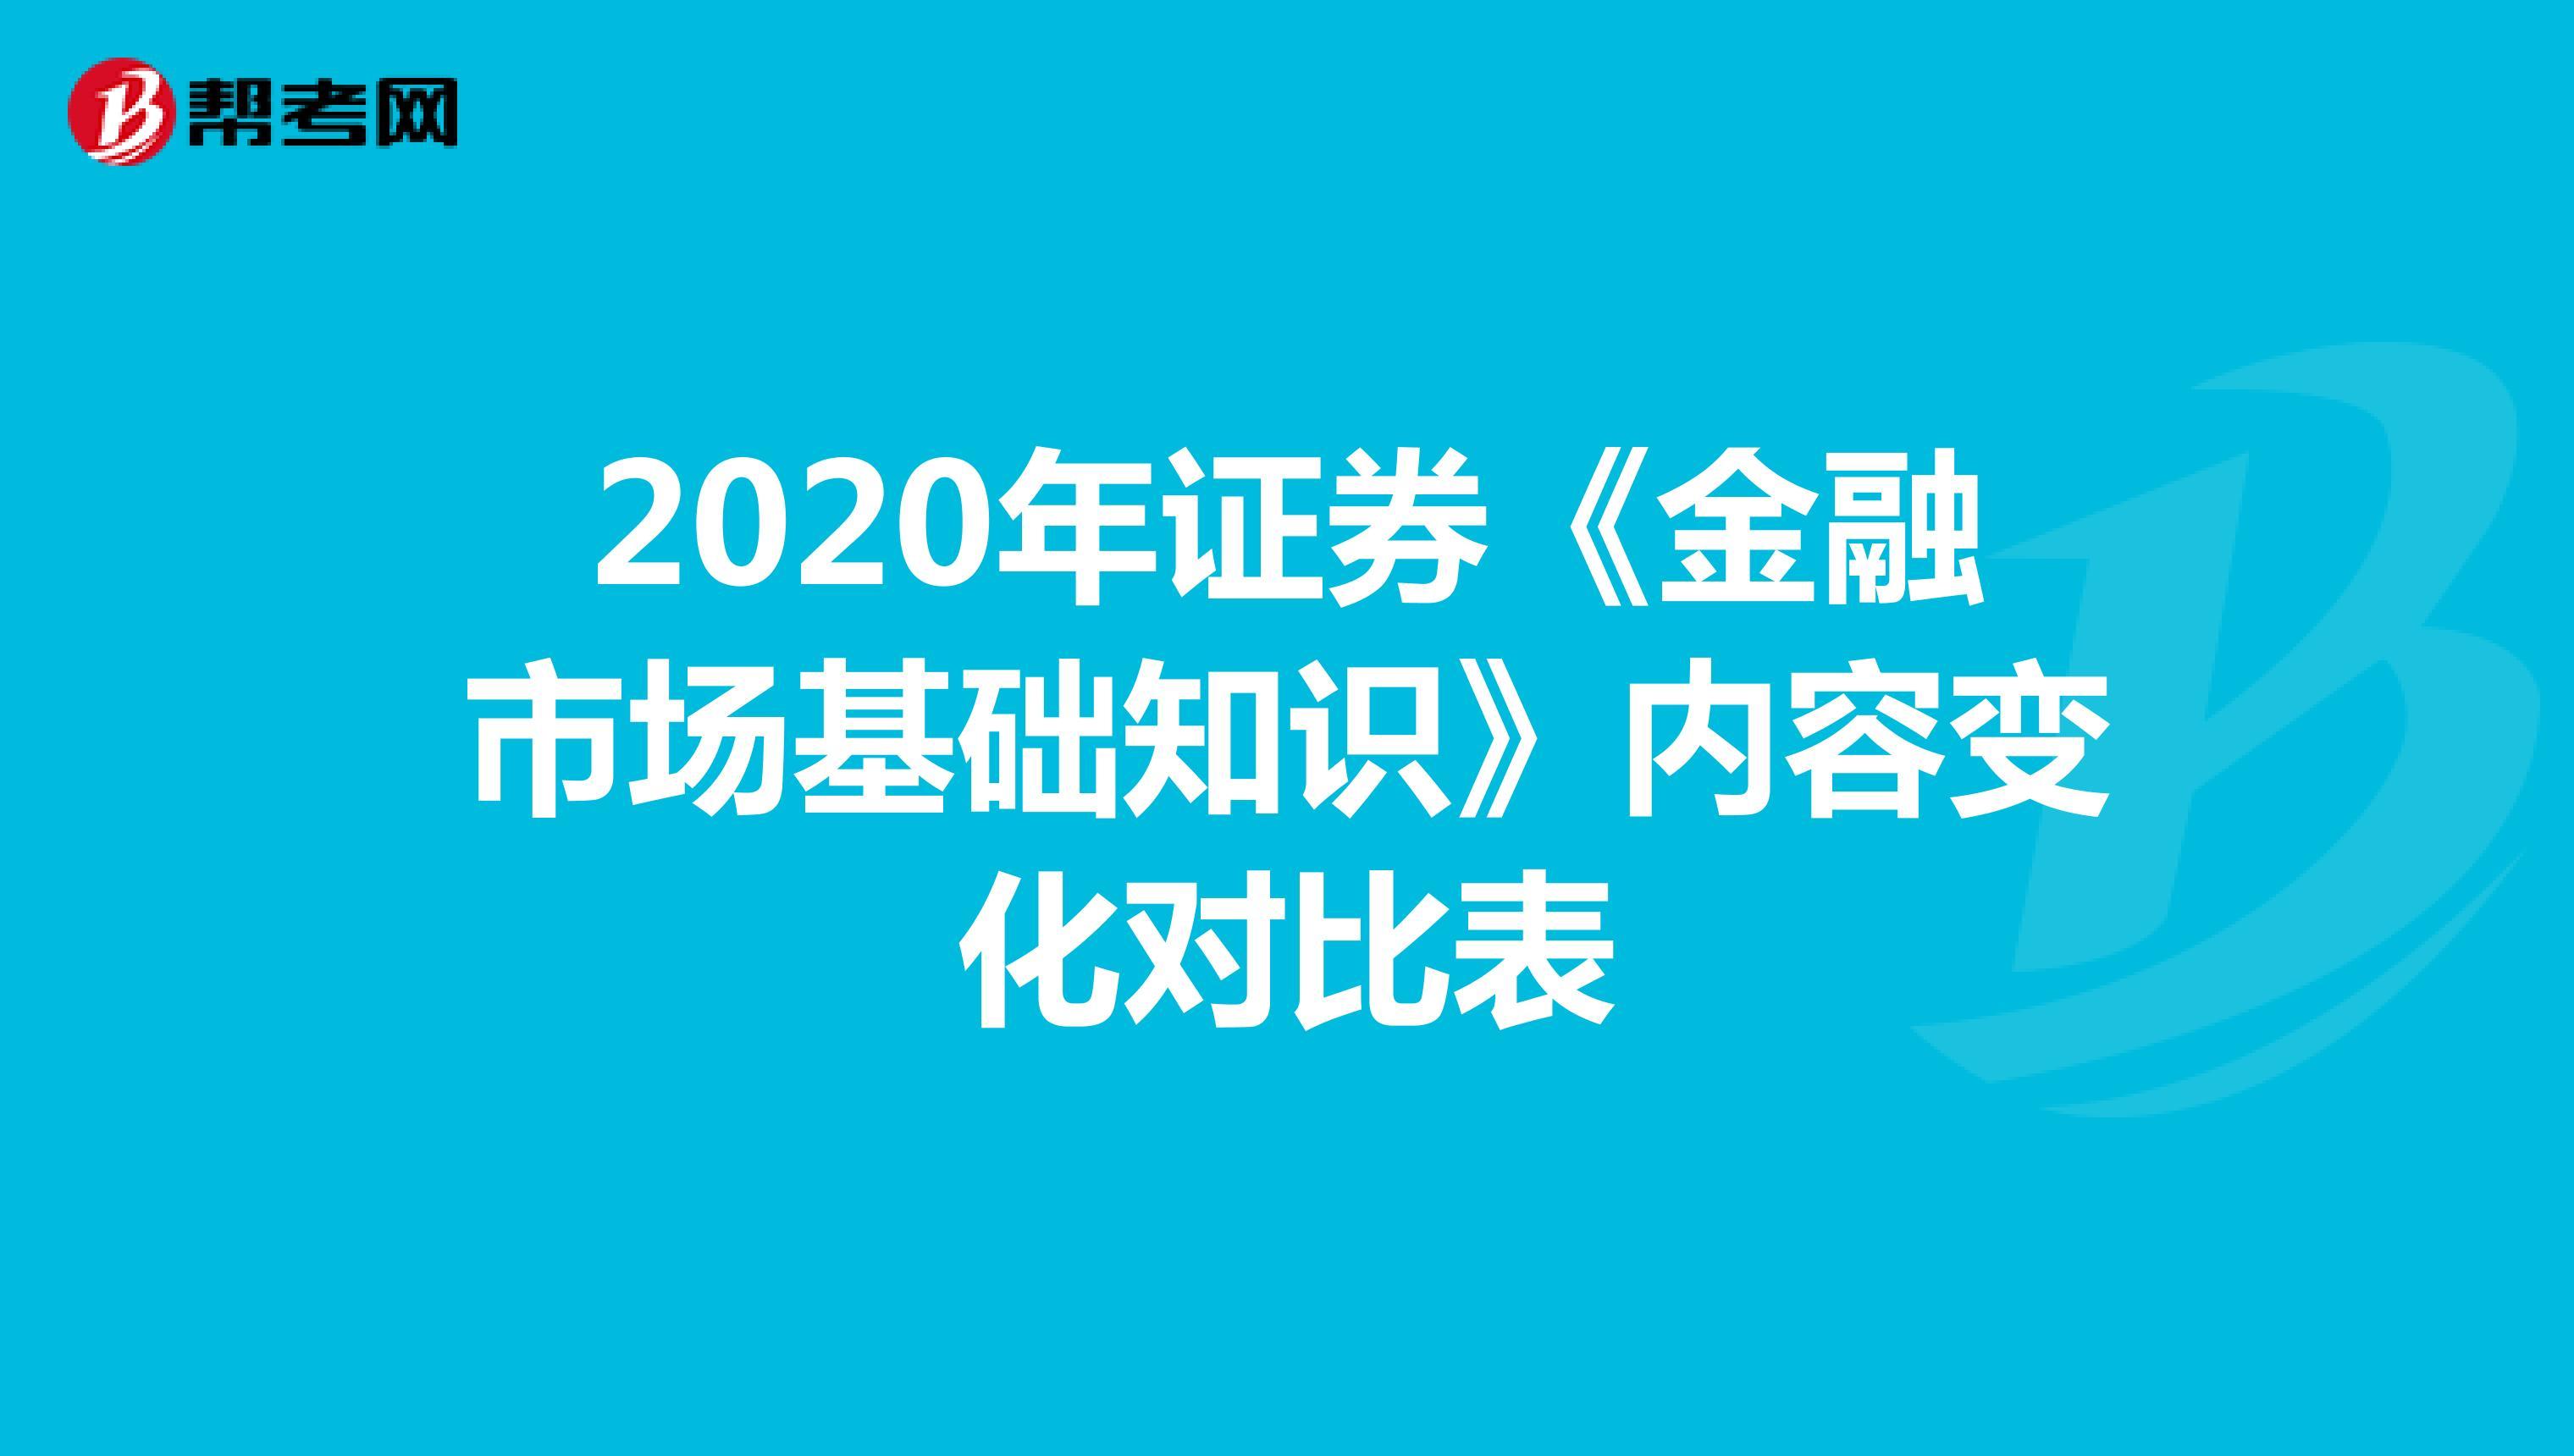 2021年證券《金融市場基礎知識》內容變化對比表